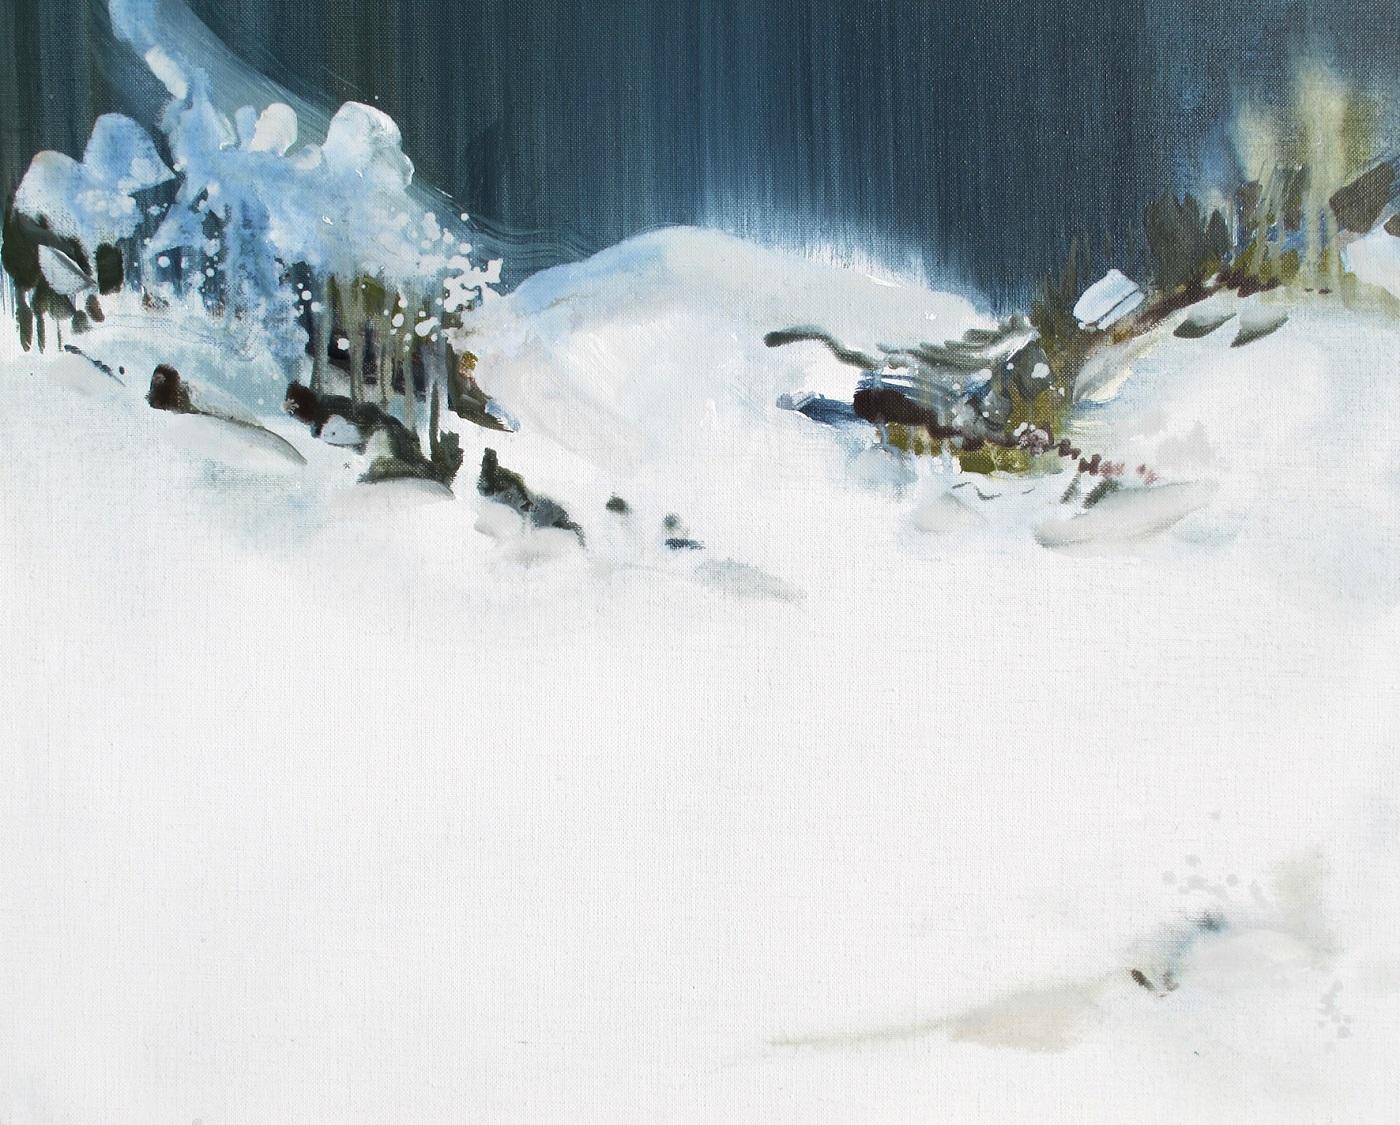 Série entre Air et sur Terre Acrylique sur toile de lin 50 x 61 cm cm, Stéphan Herrgott2